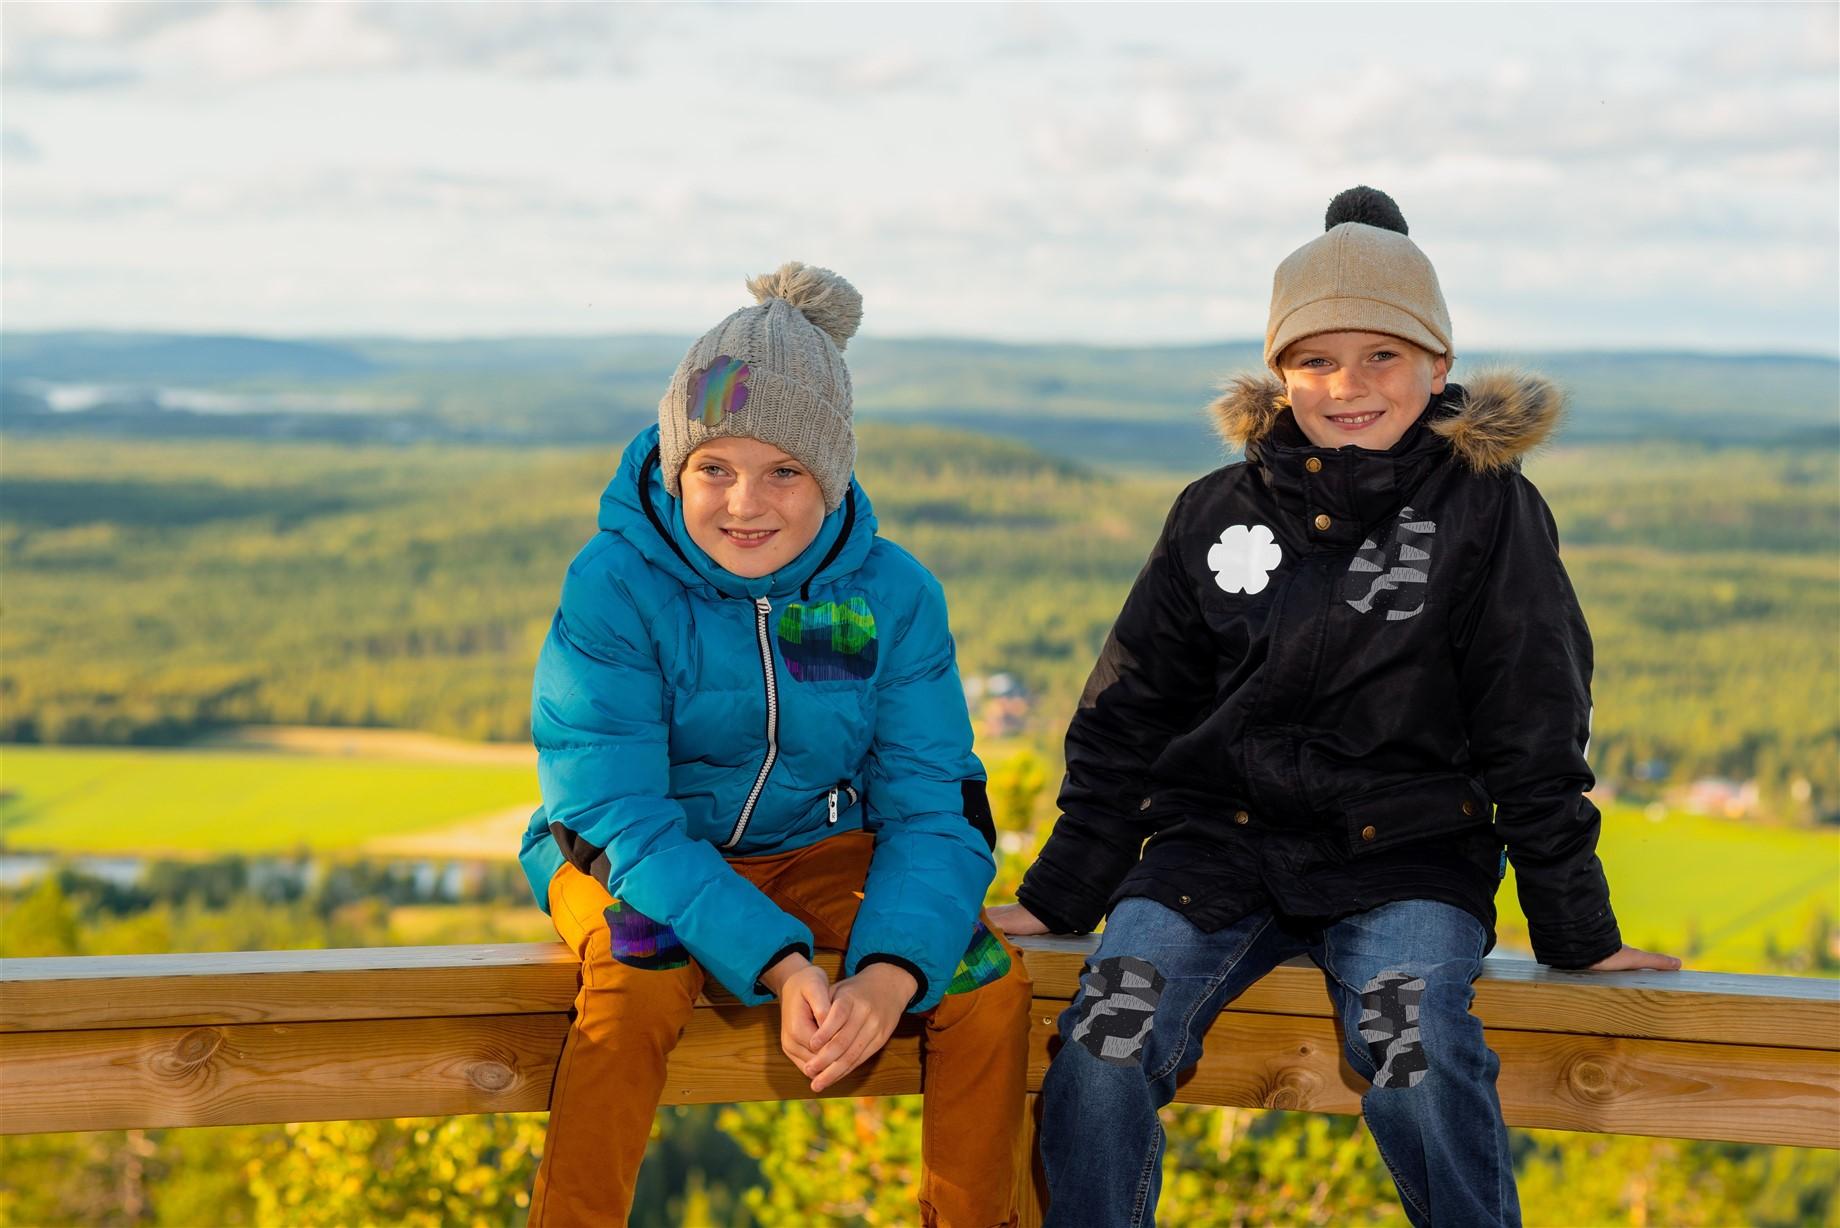 Kuvassa kaksi poikaa istuu kaiteella syksyisessä peltomaisemassa. Heillä on yllään syys- tai talvivaatteet ja vaatteissa on Oikiat Designin kehittämiä heijastavia Vaatelaastareita.